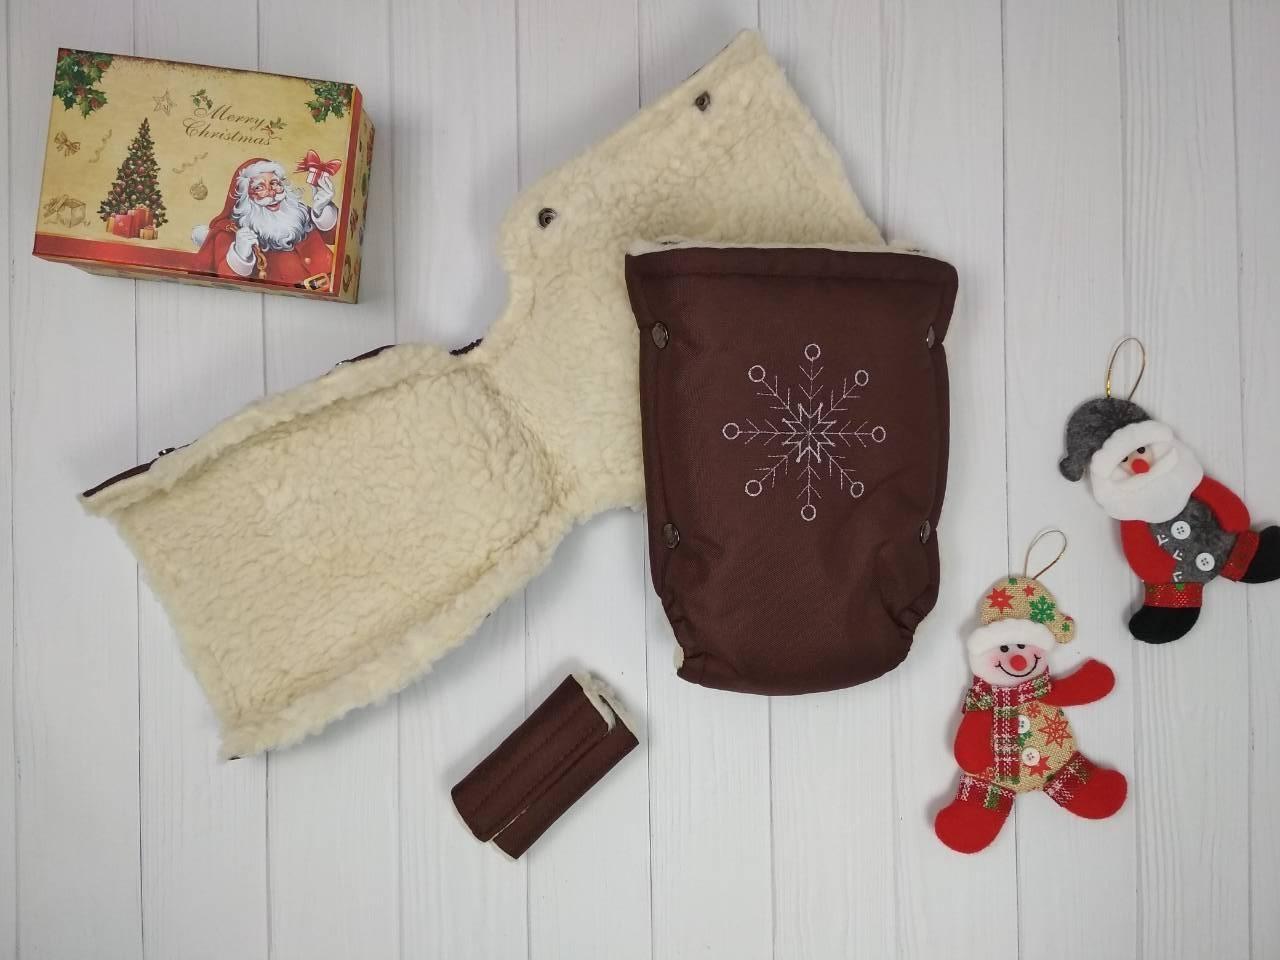 Меховые рукавицы для санок и колясок Кидс коричневого цвета